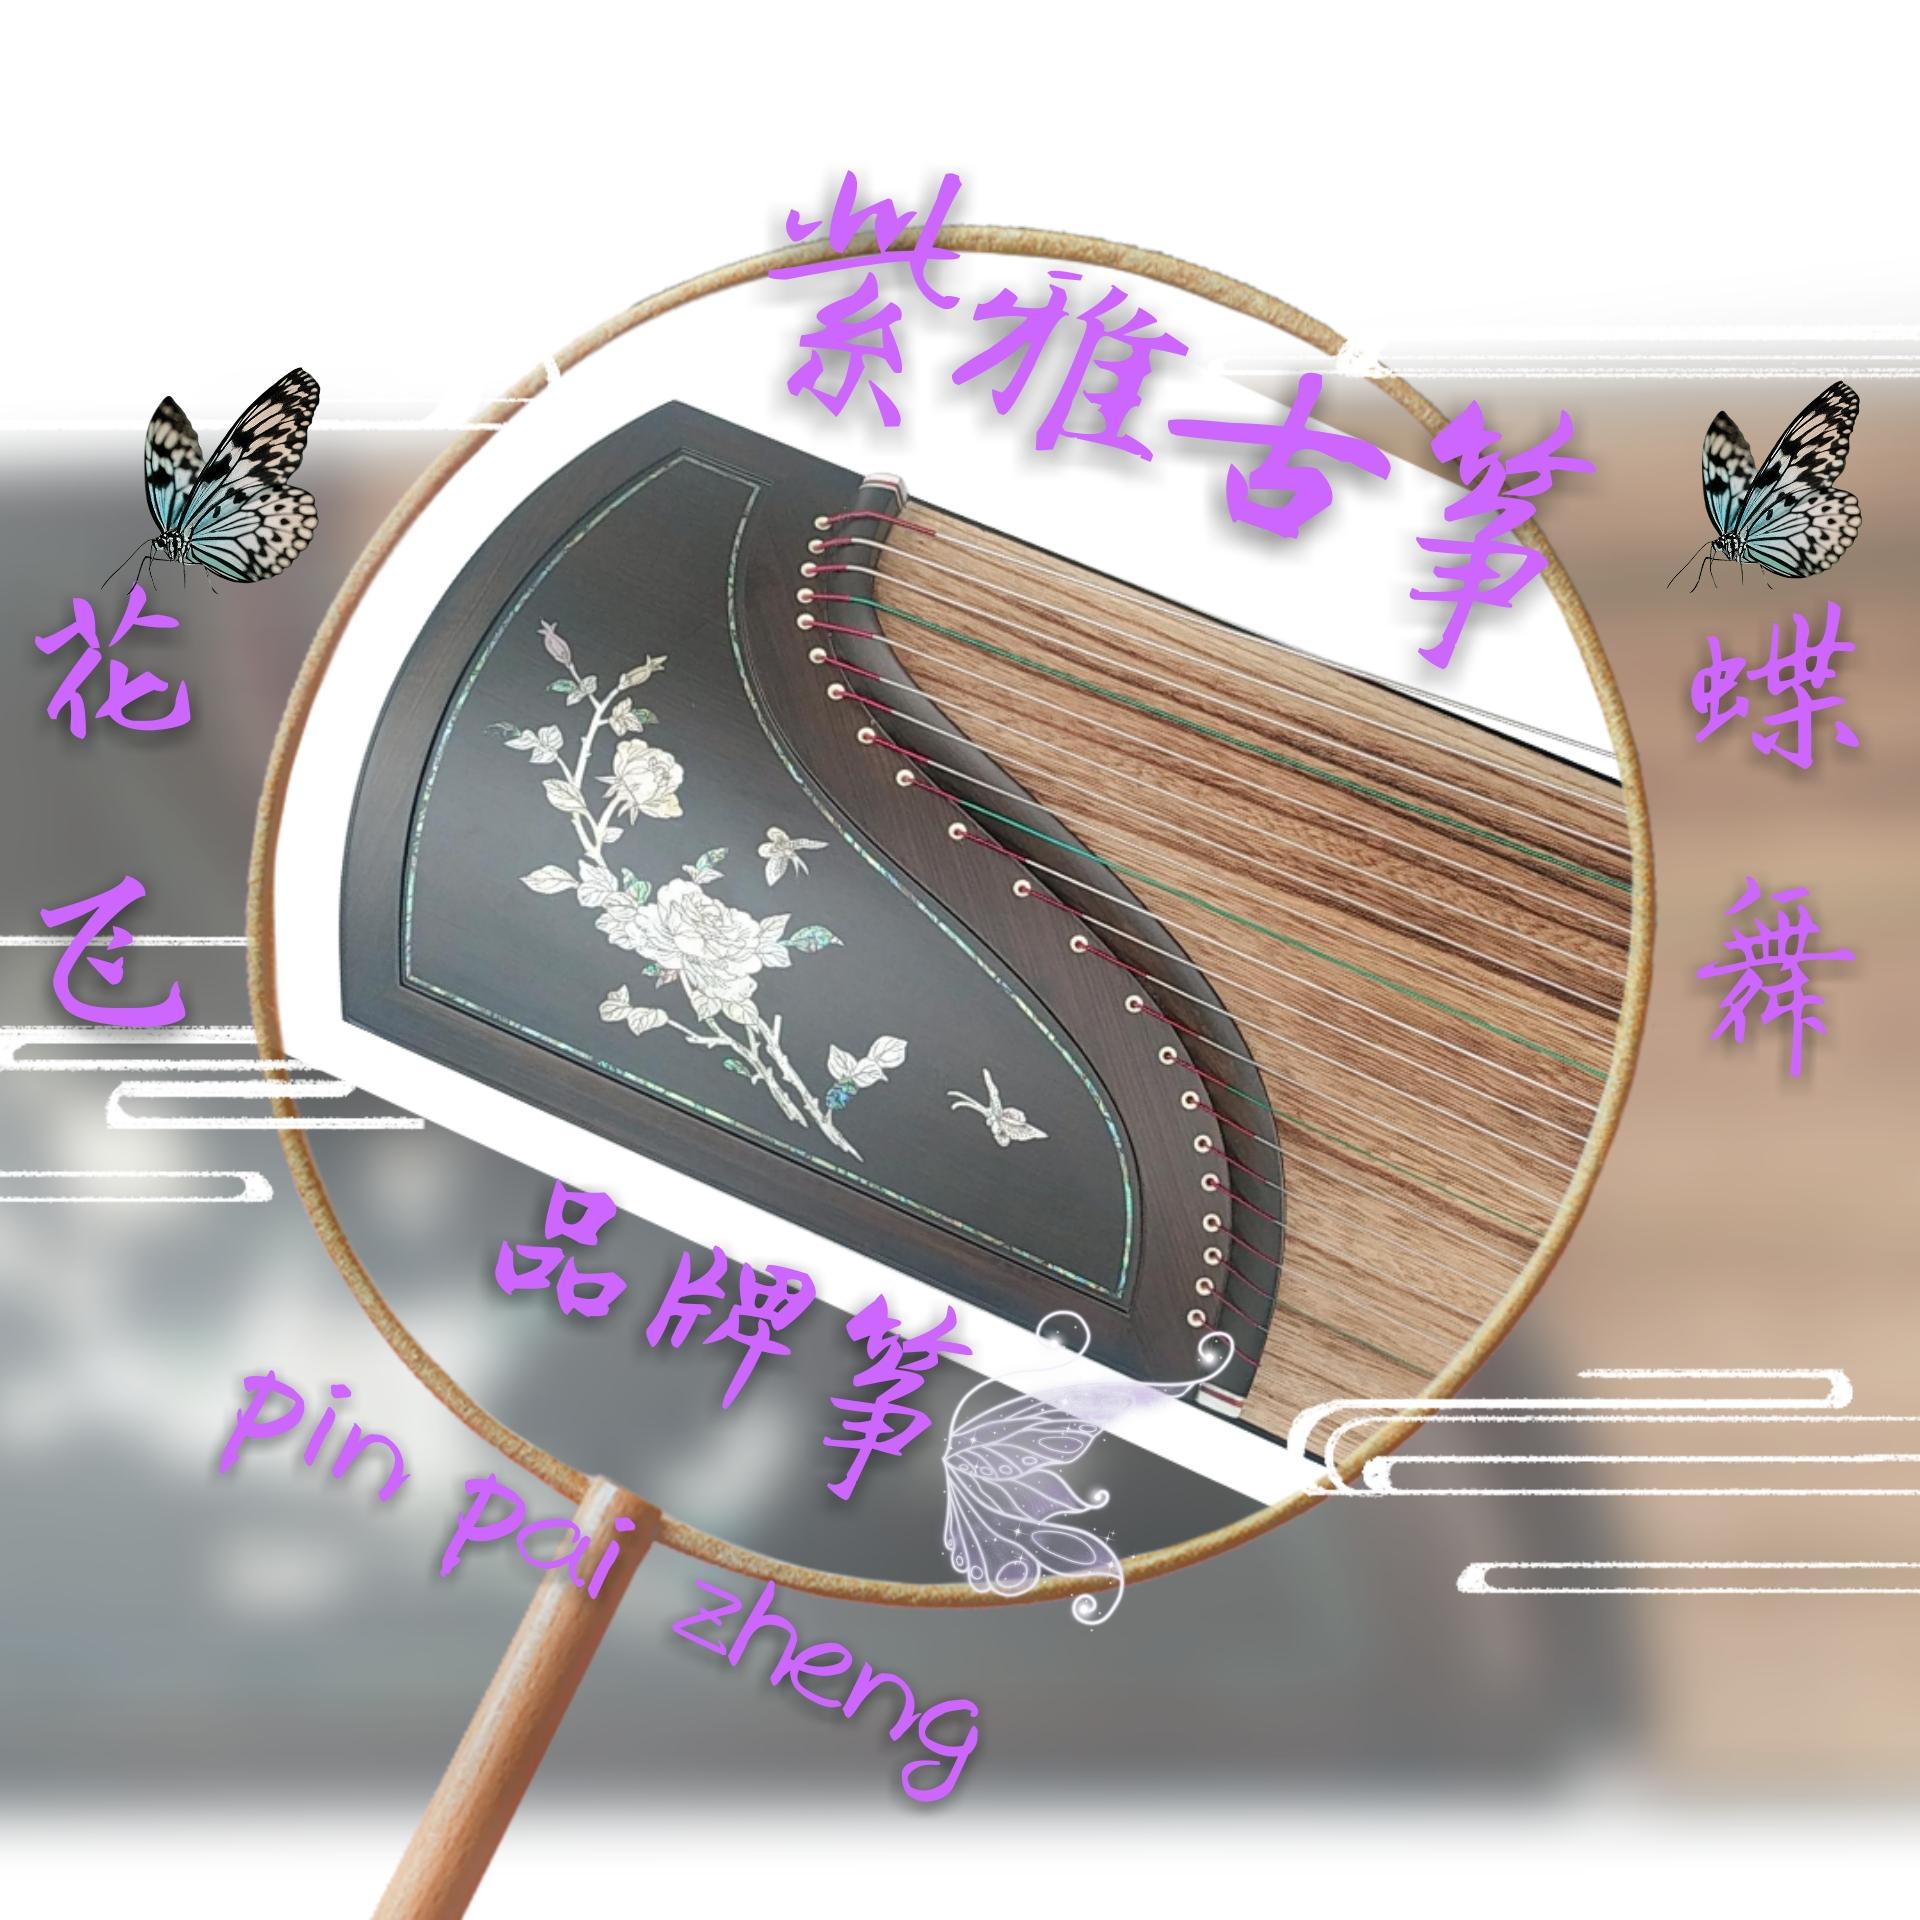 紫雅古筝花飞蝶舞新品工艺专业演奏考级初学者琴筝乐器